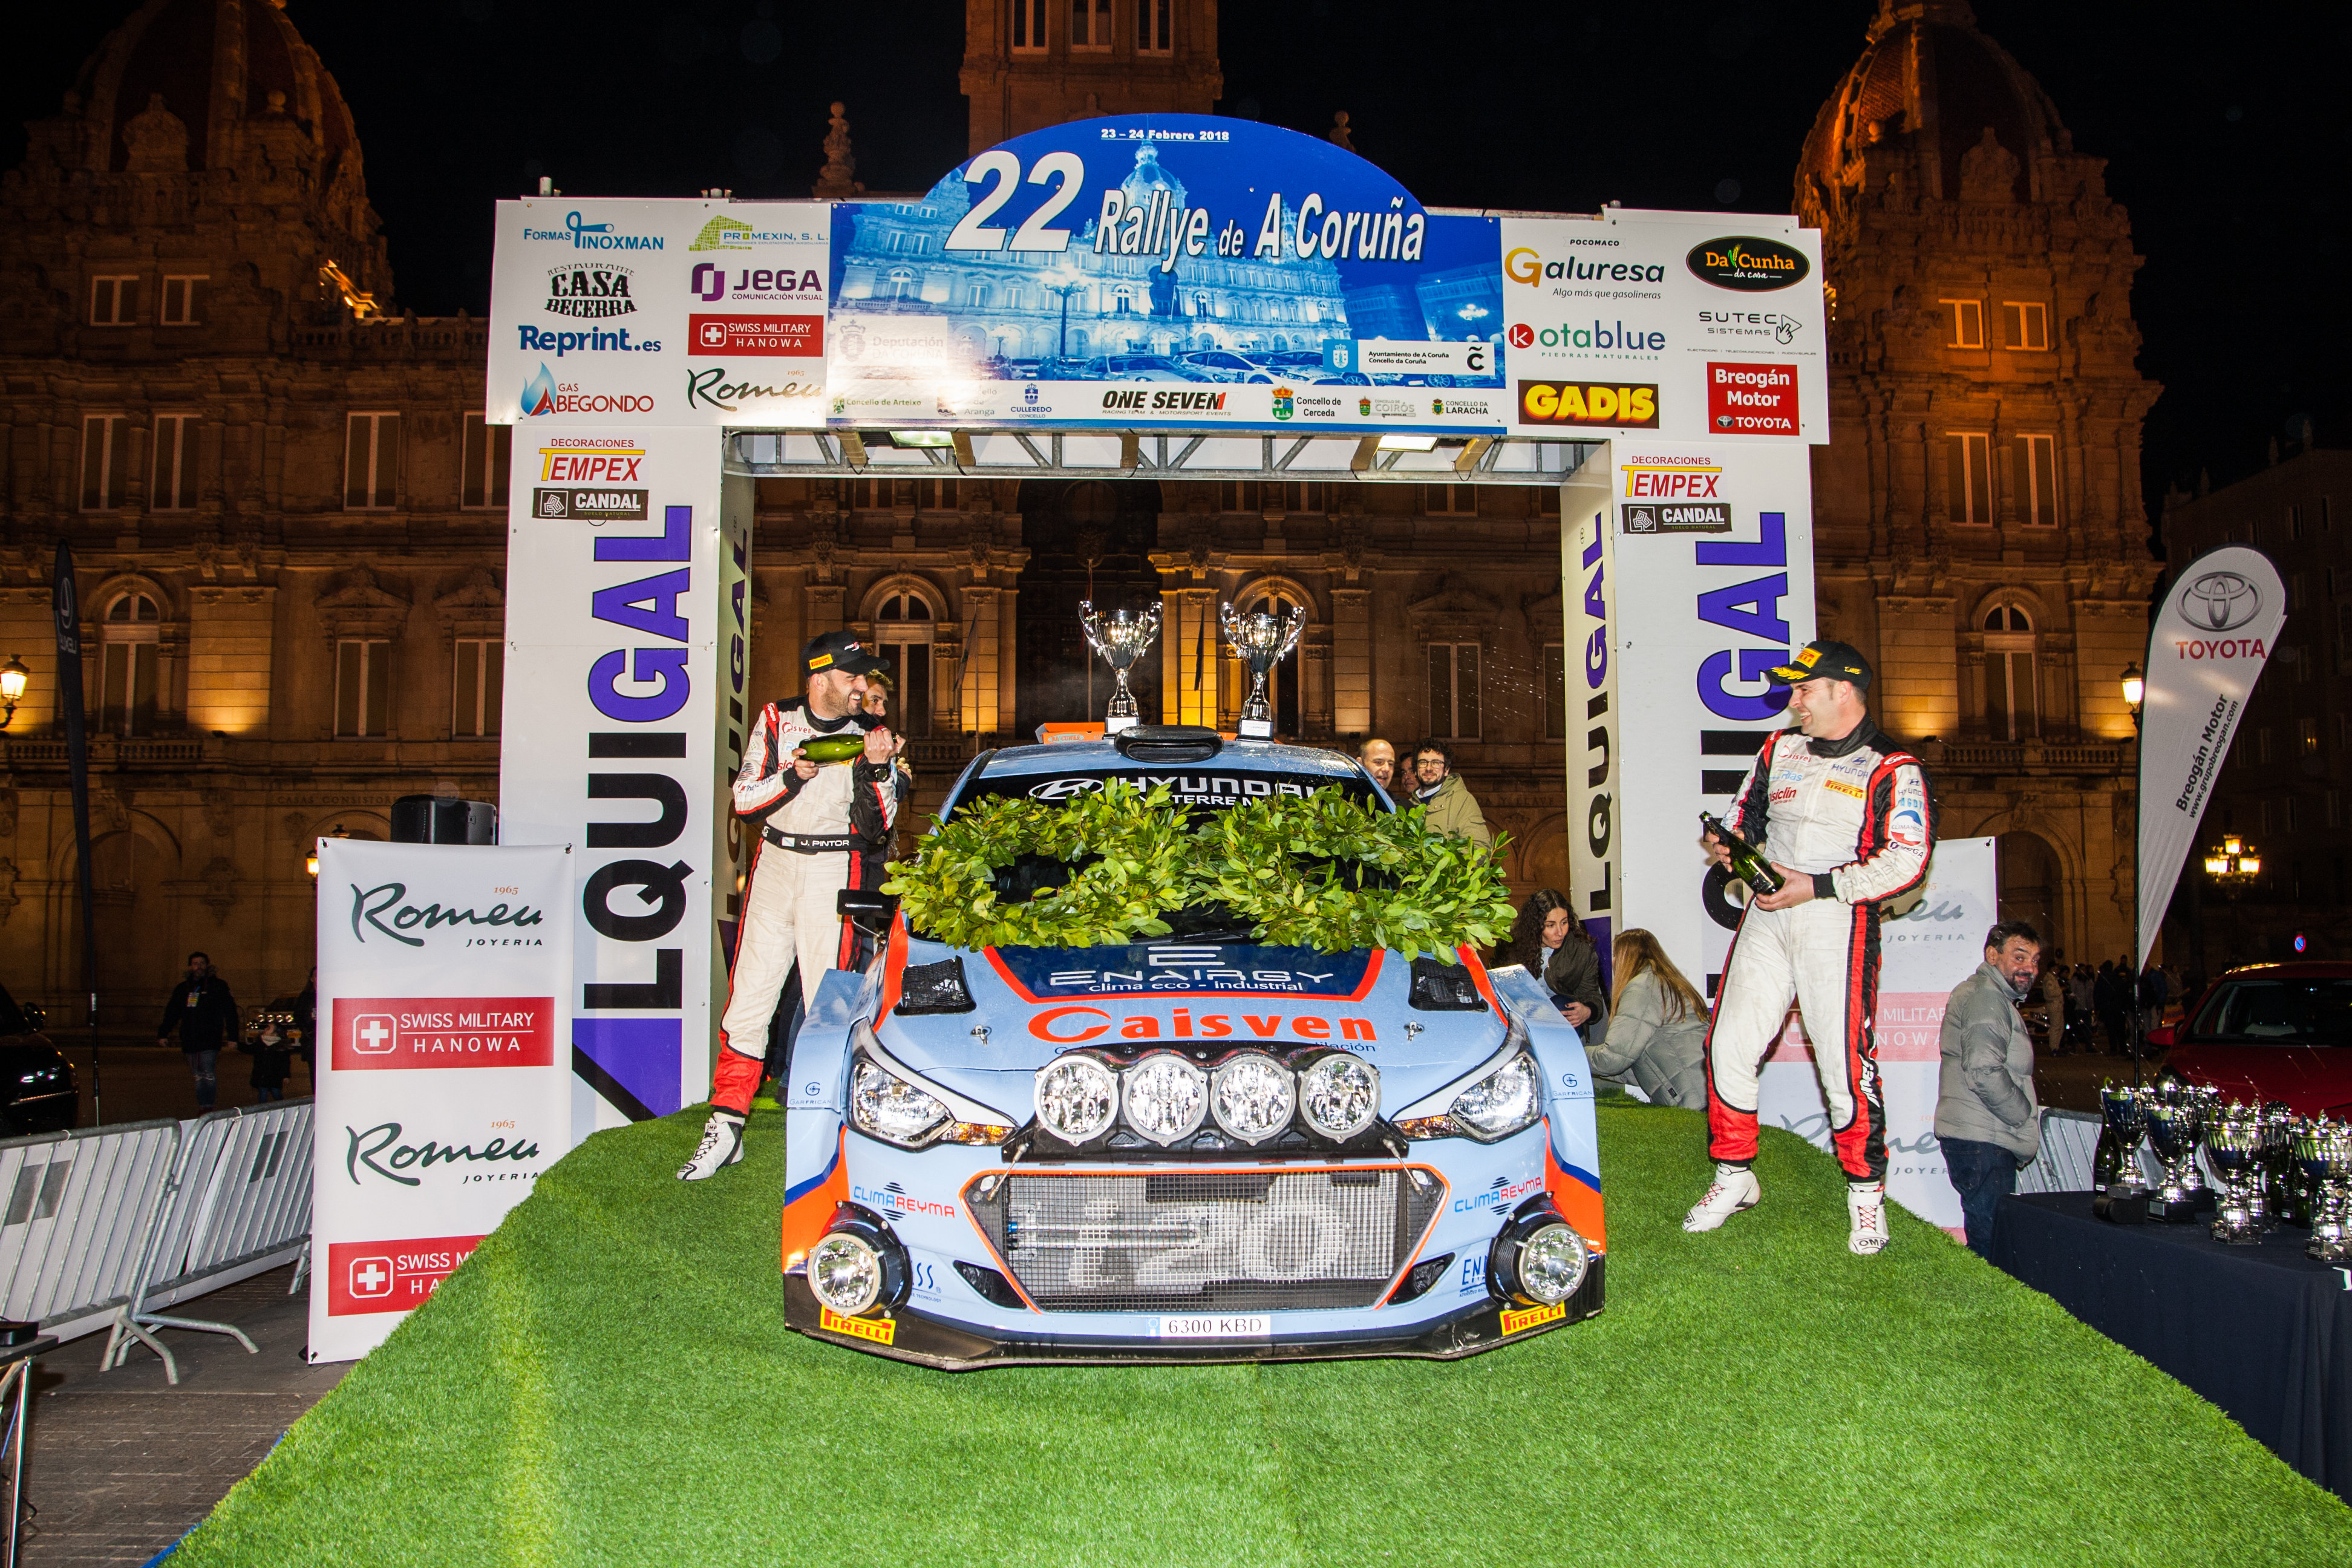 Ivan Ares - Rallye de A Coruna